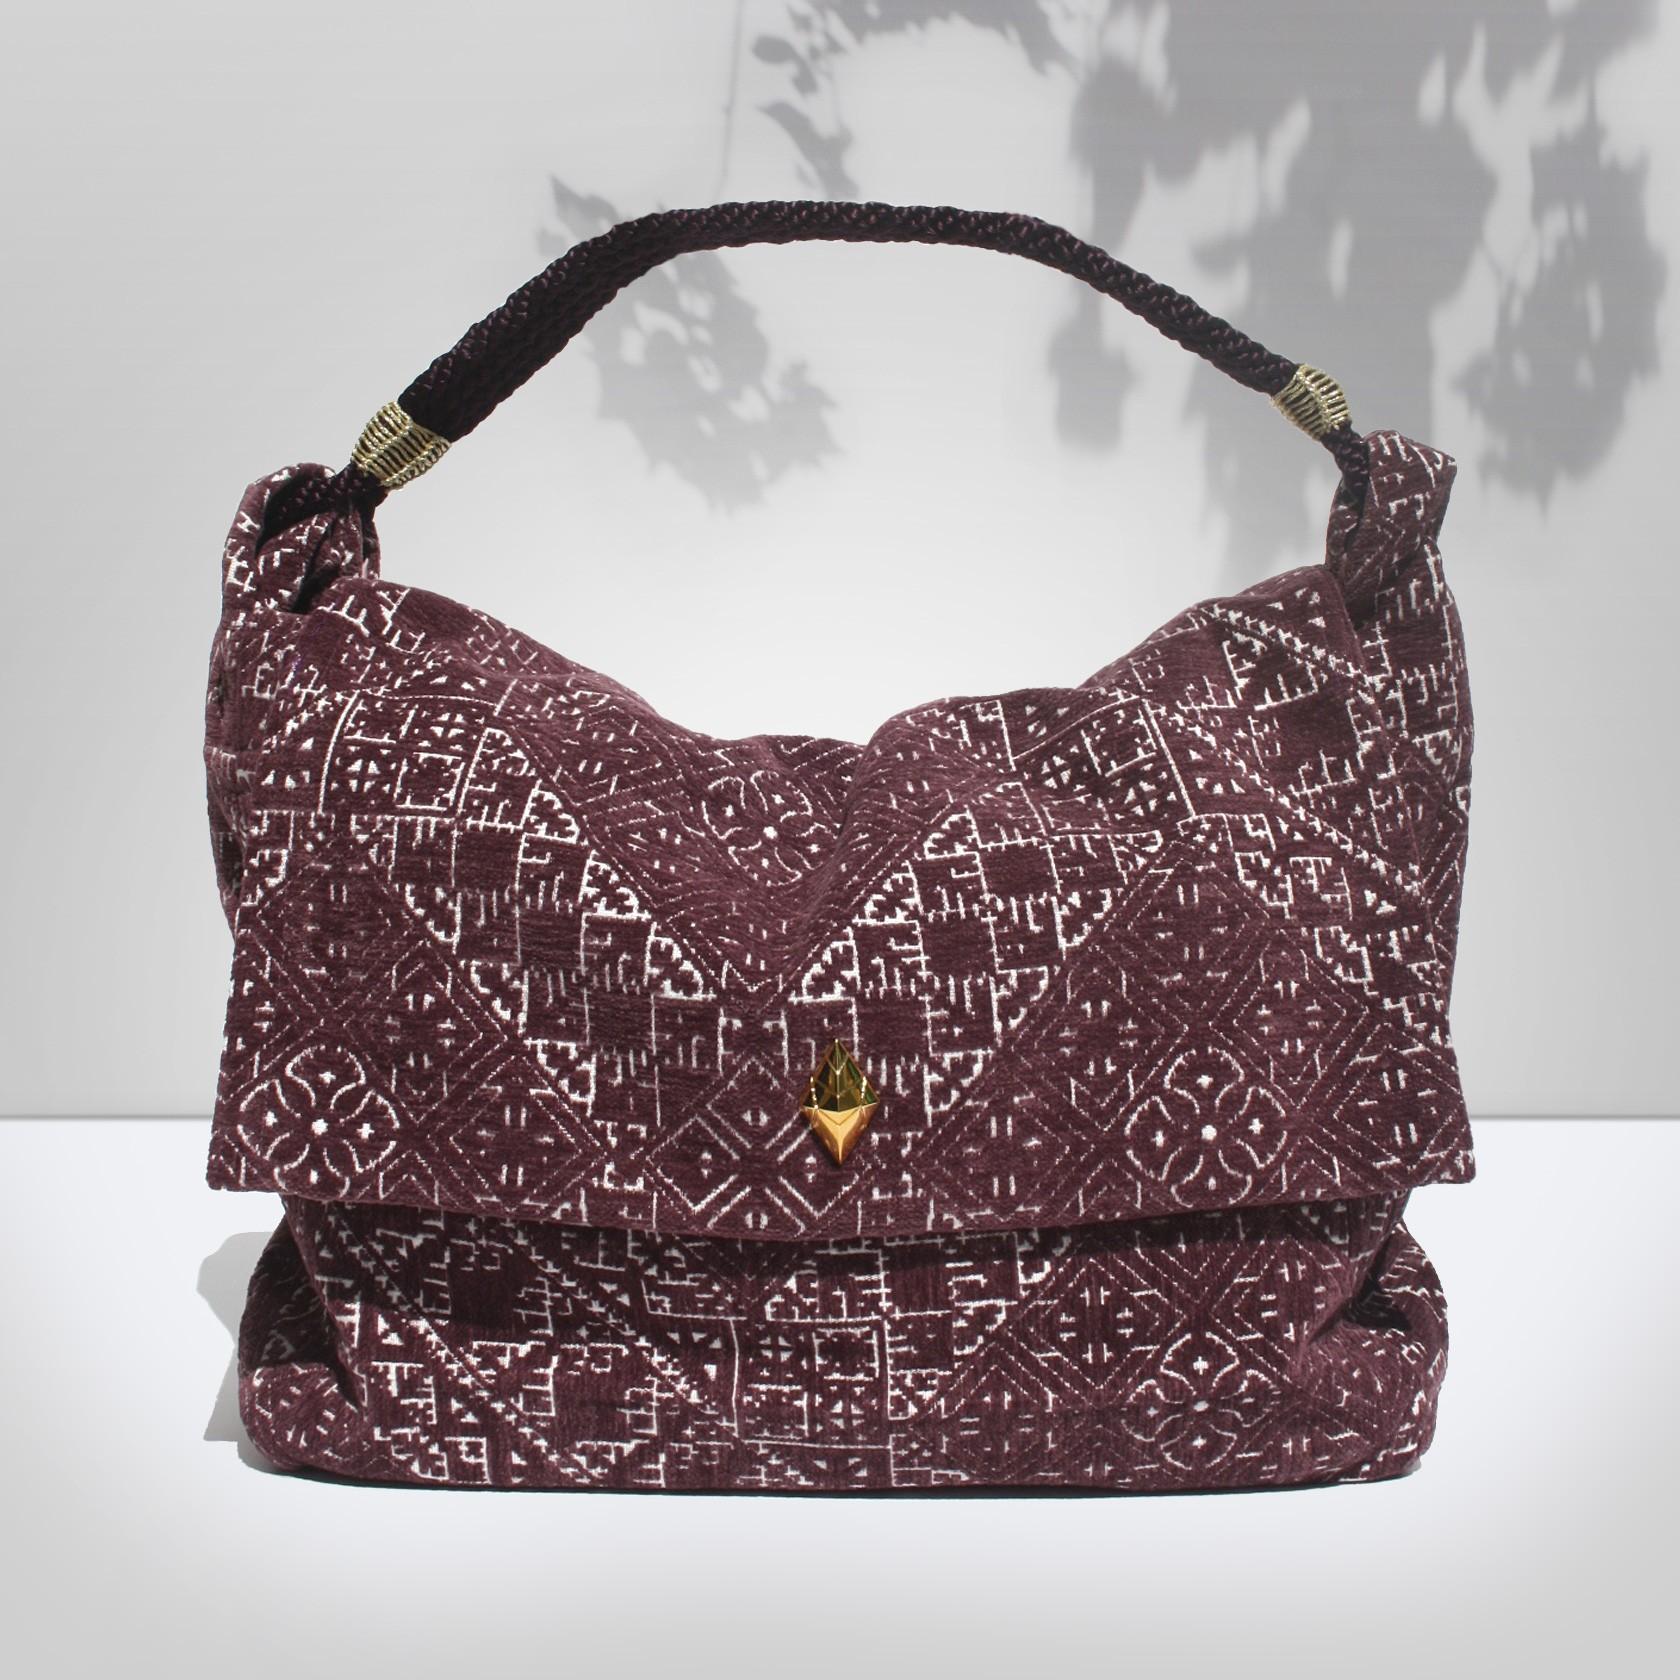 b5a61305e4 KARIMA L Prune - Bags